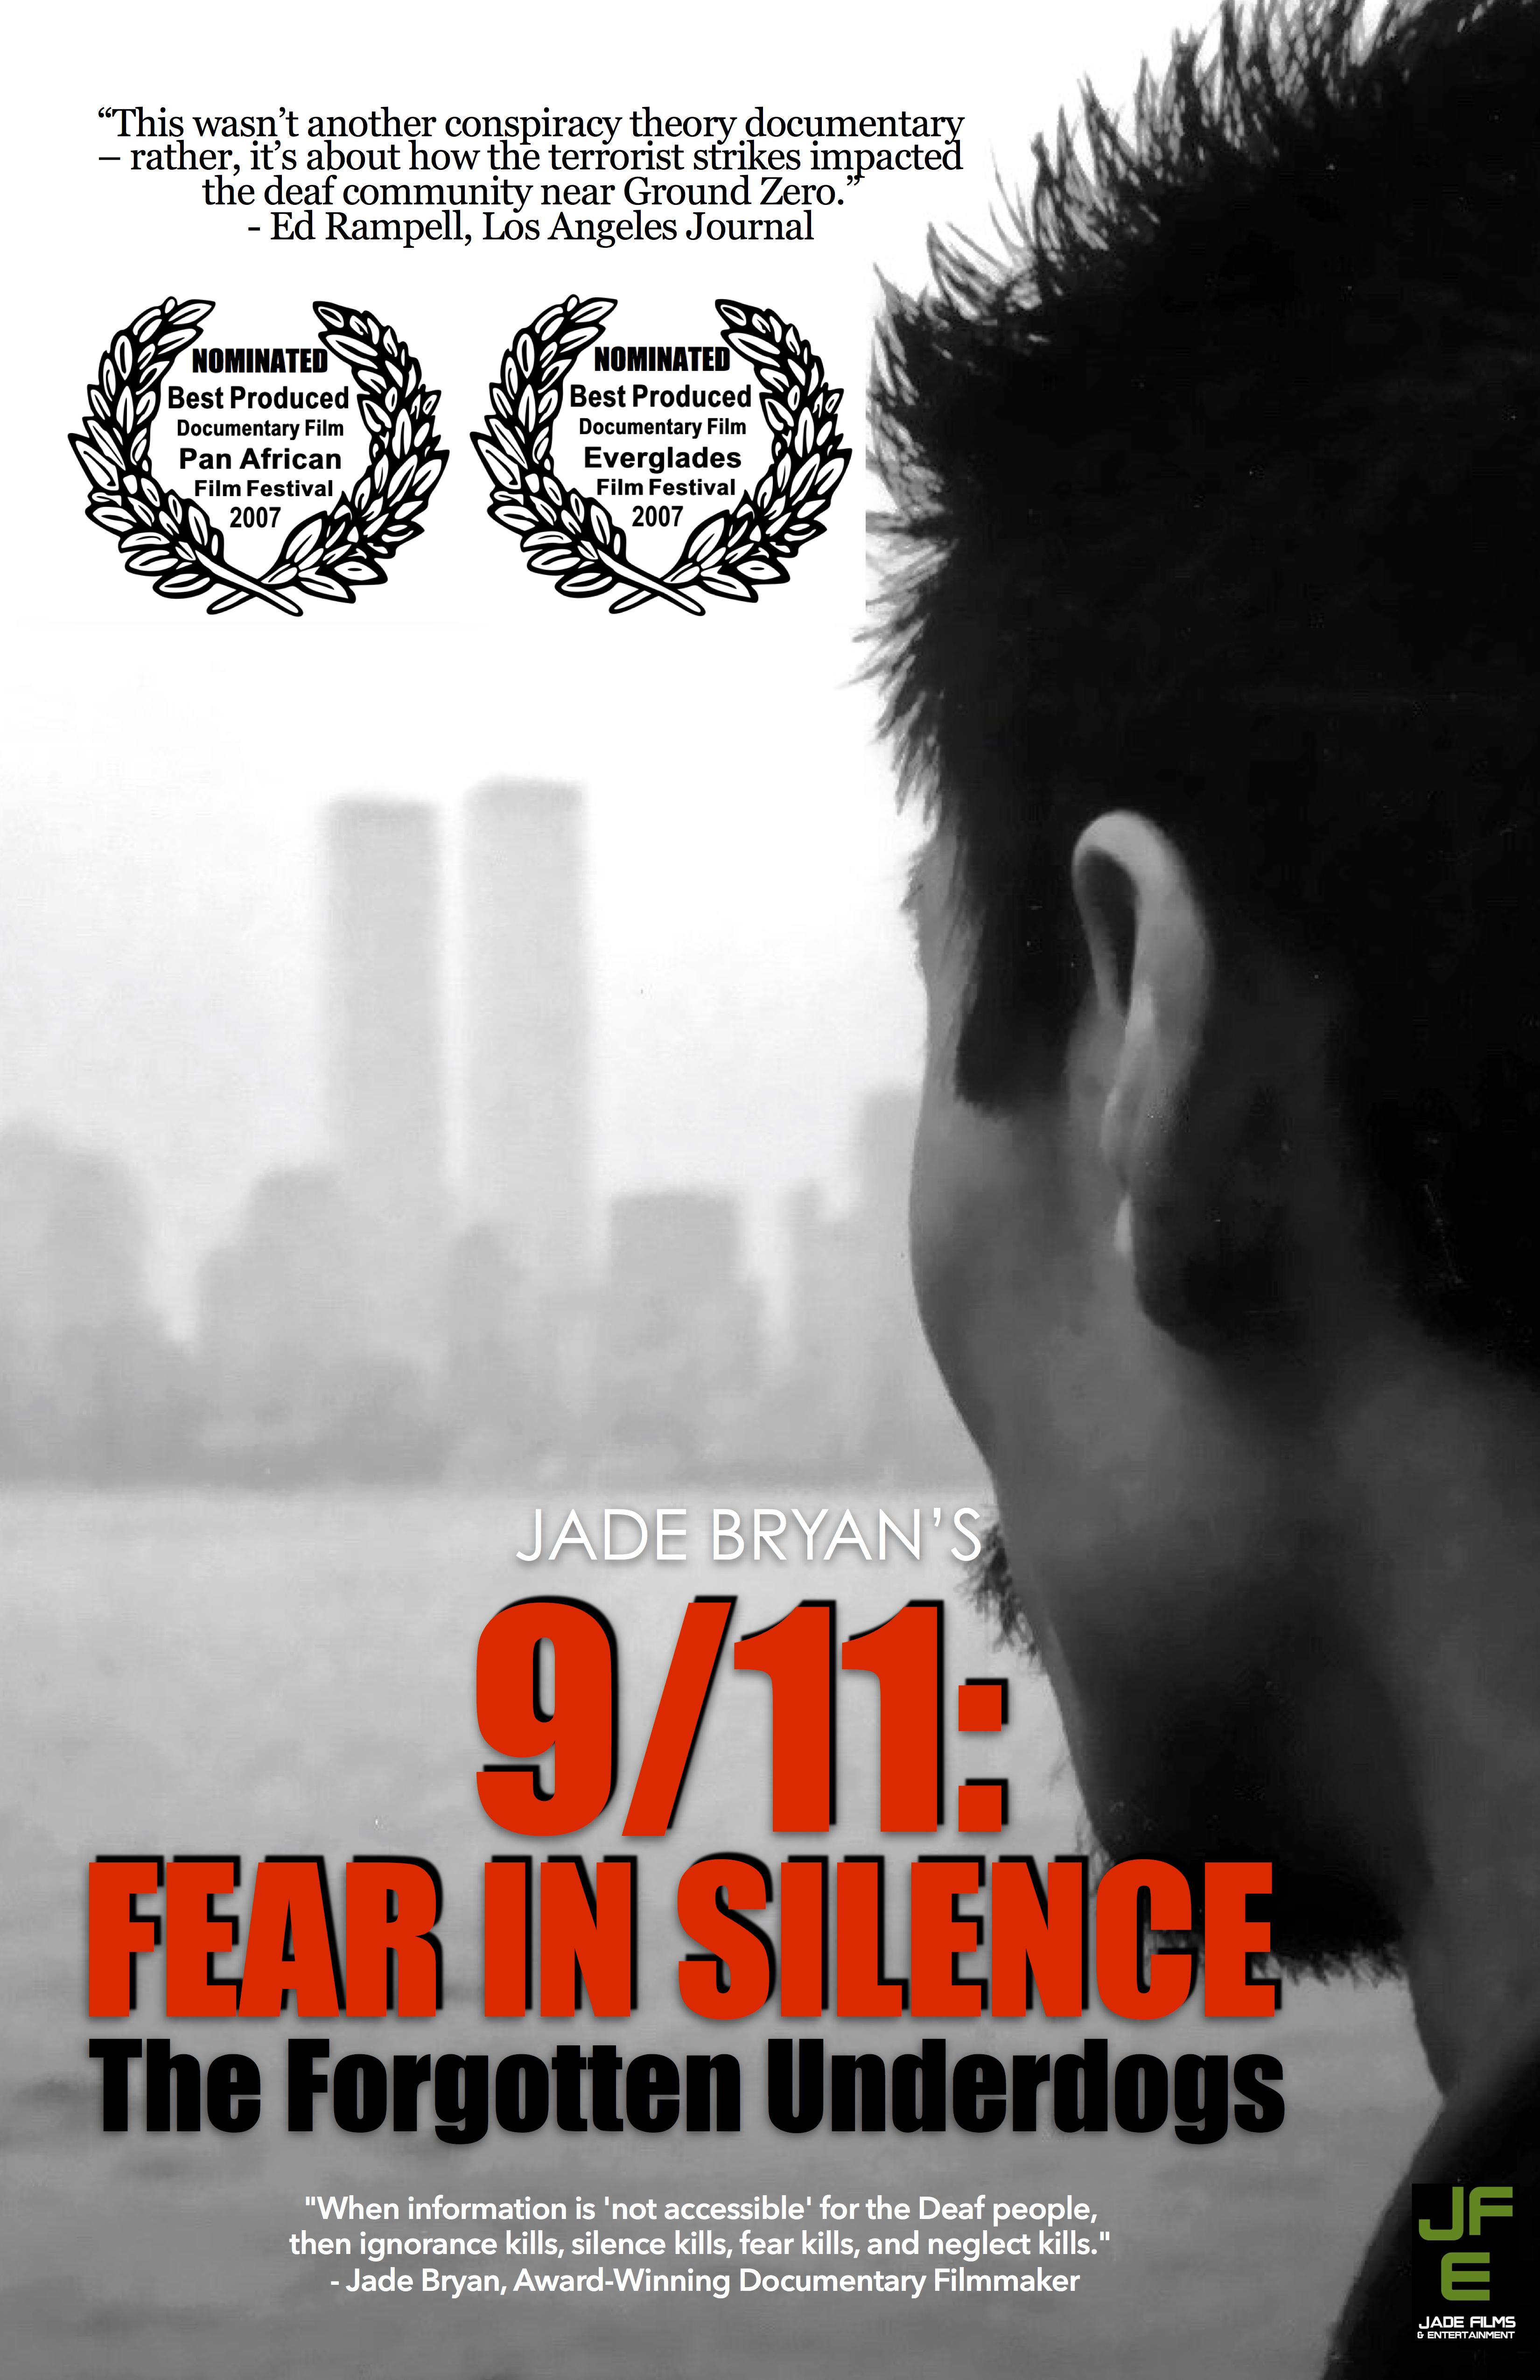 9/11 Fear in Silence: The Forgotten Underdogs (2006) - IMDb